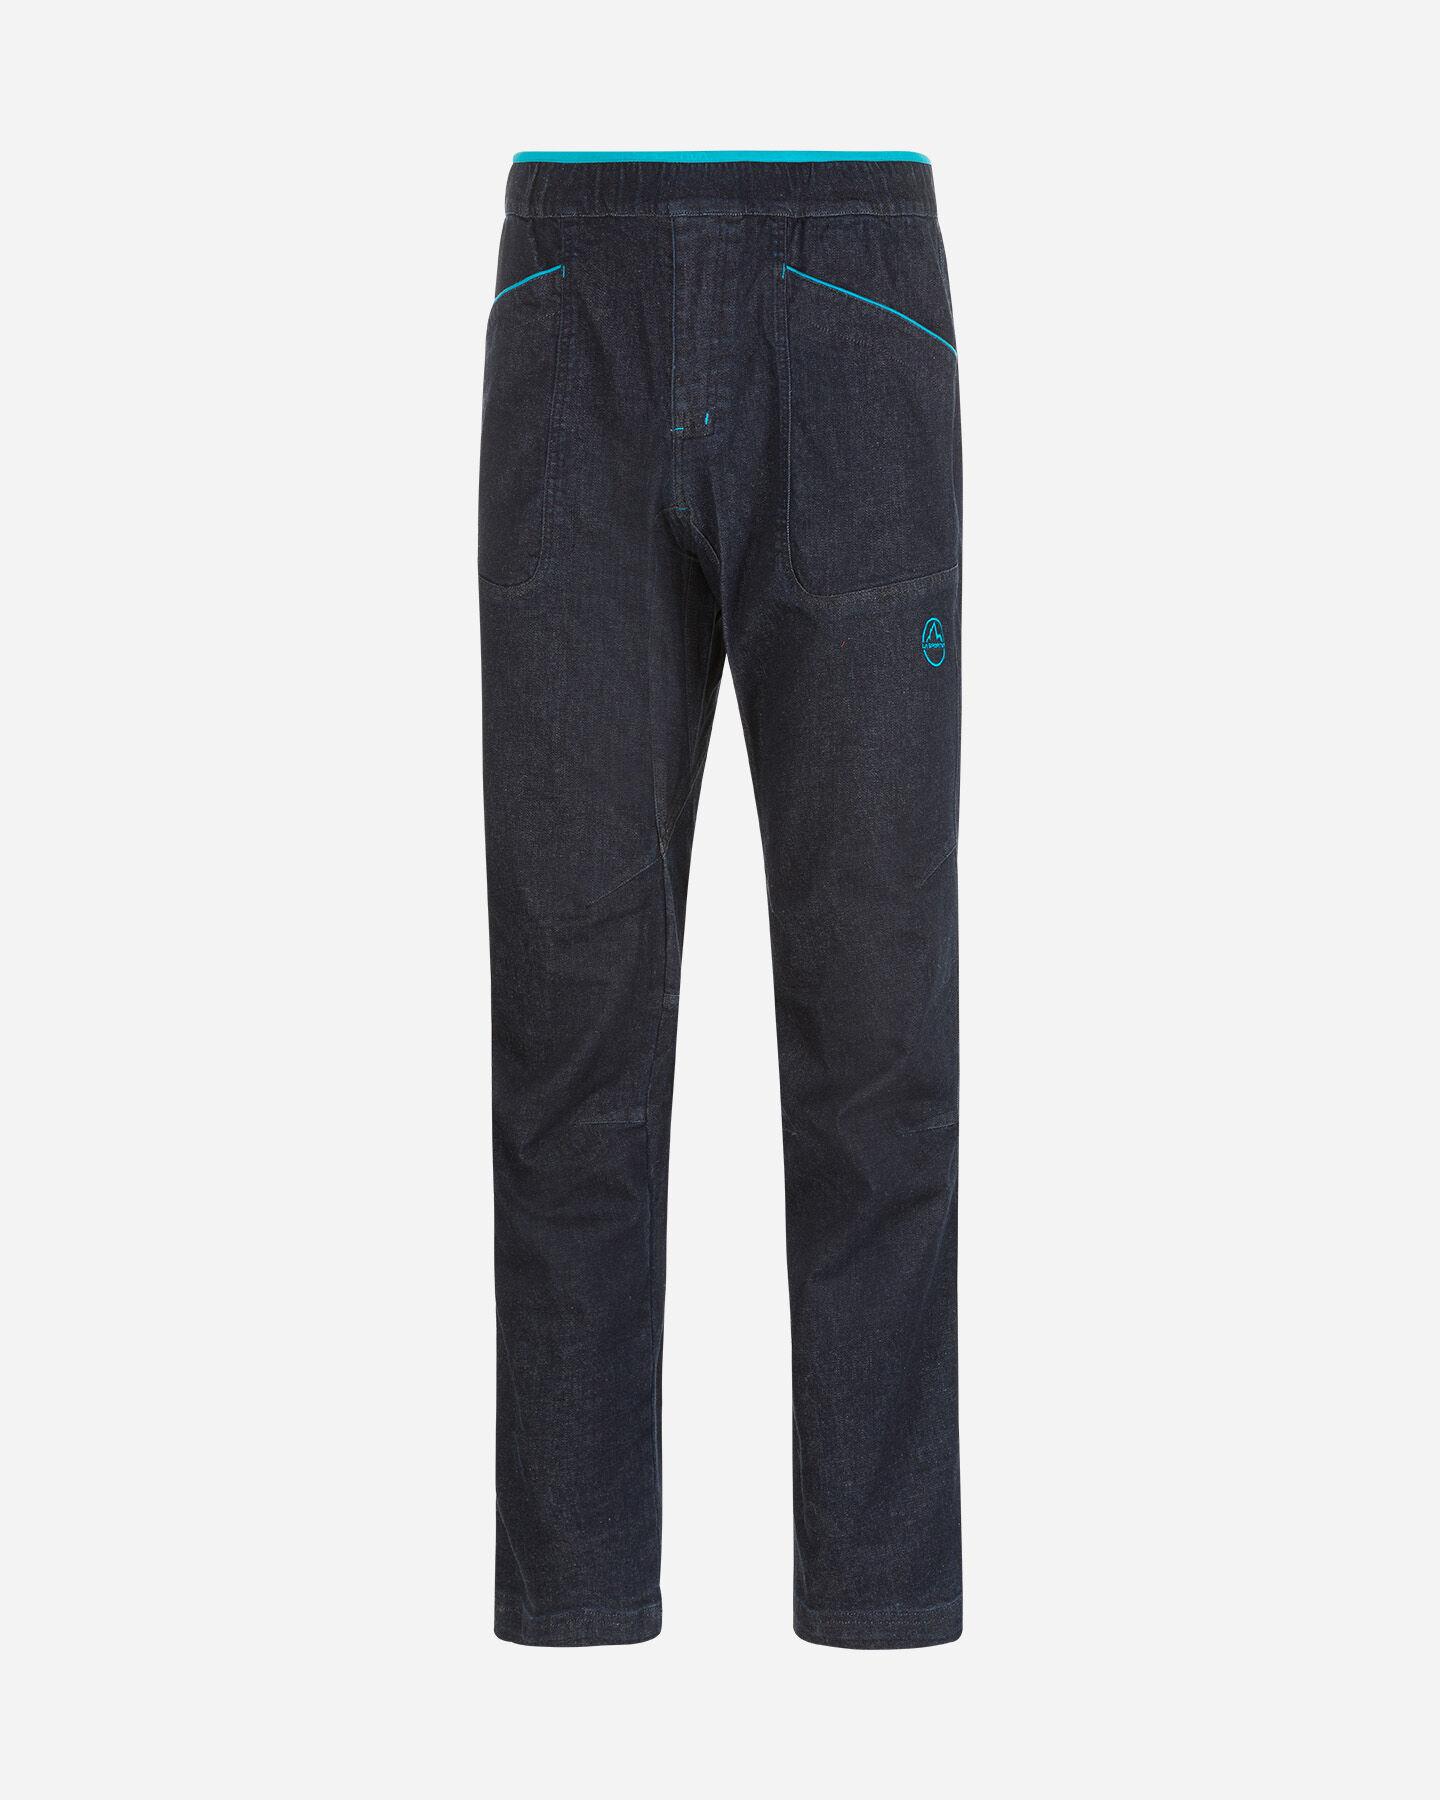 Pantalone outdoor LA SPORTIVA BRAVE M S5198568 scatto 0